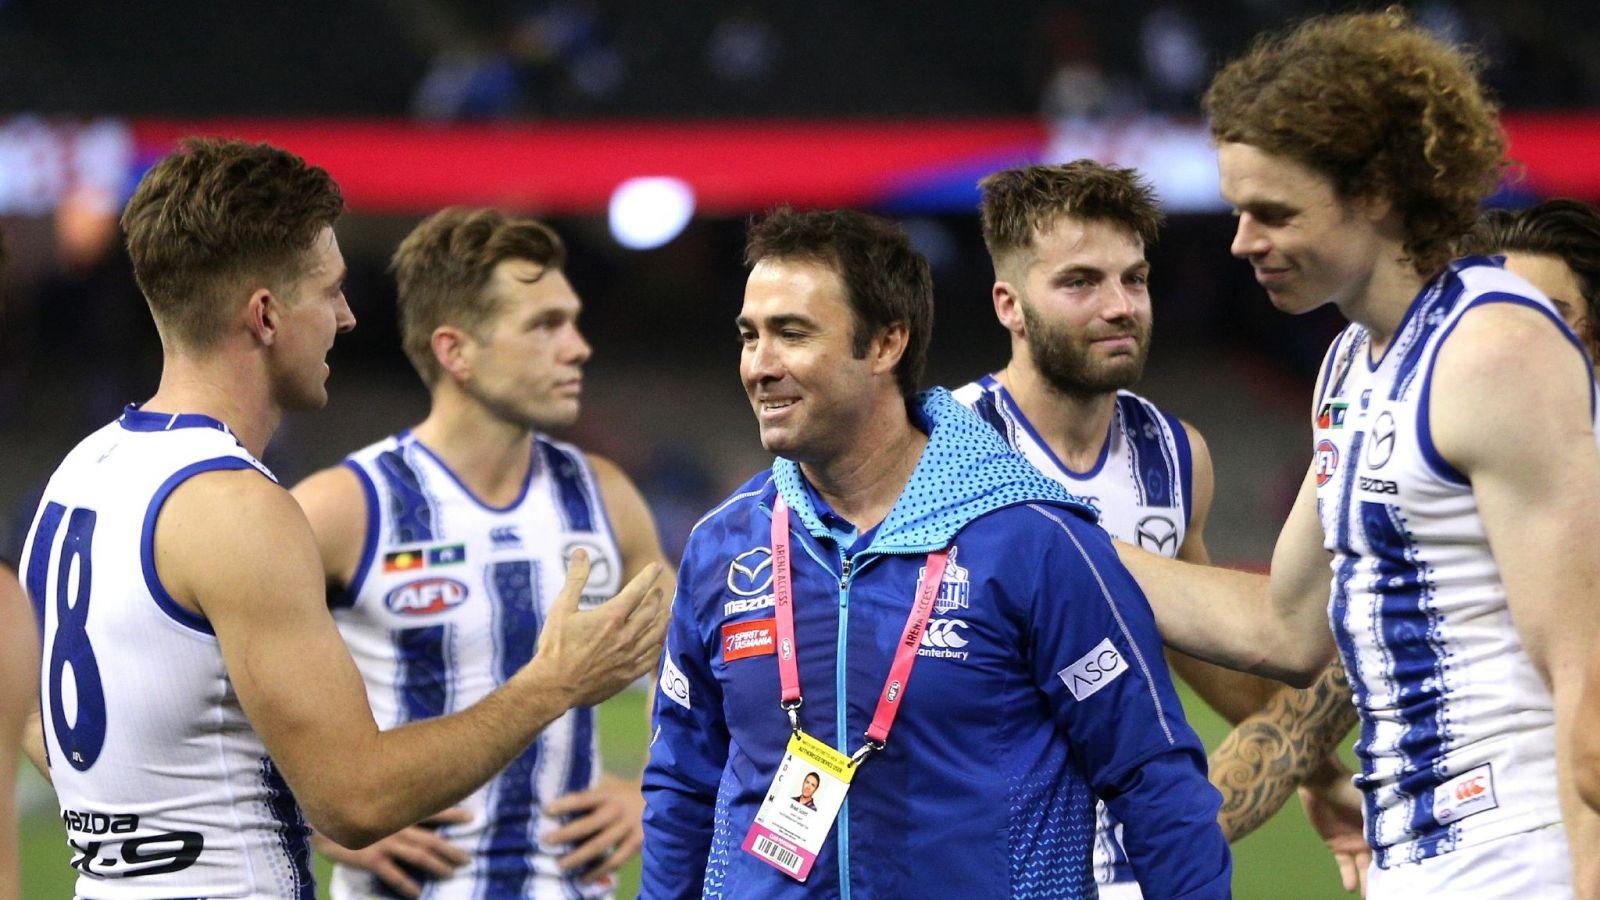 AFL 2019 Fantasy Tips: Round 11 North Melbourne vs Richmond